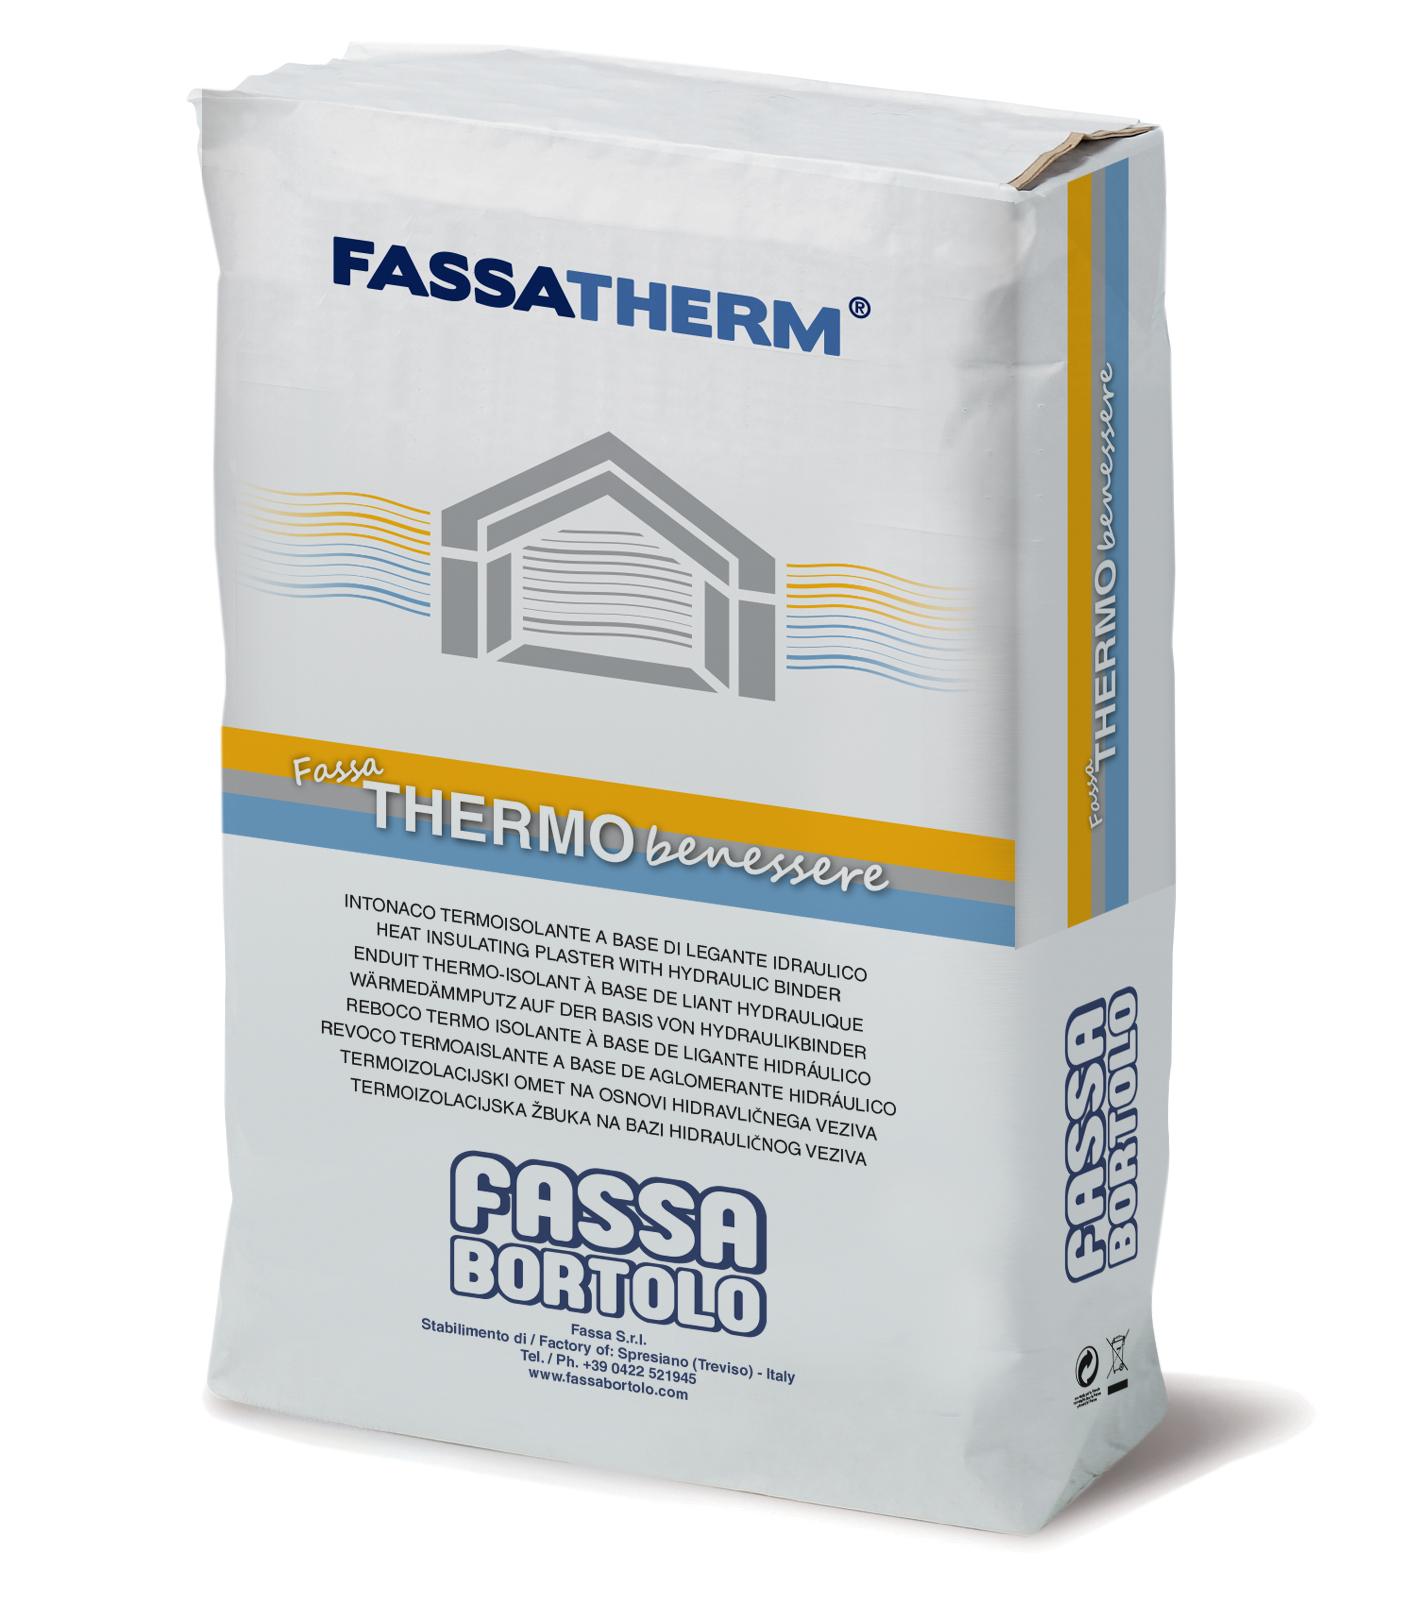 FASSA THERMOBENESSERE: Enfoscado termoaislante de baja conductividad térmica para aplicar con máquina o a mano, para exteriores e interiores